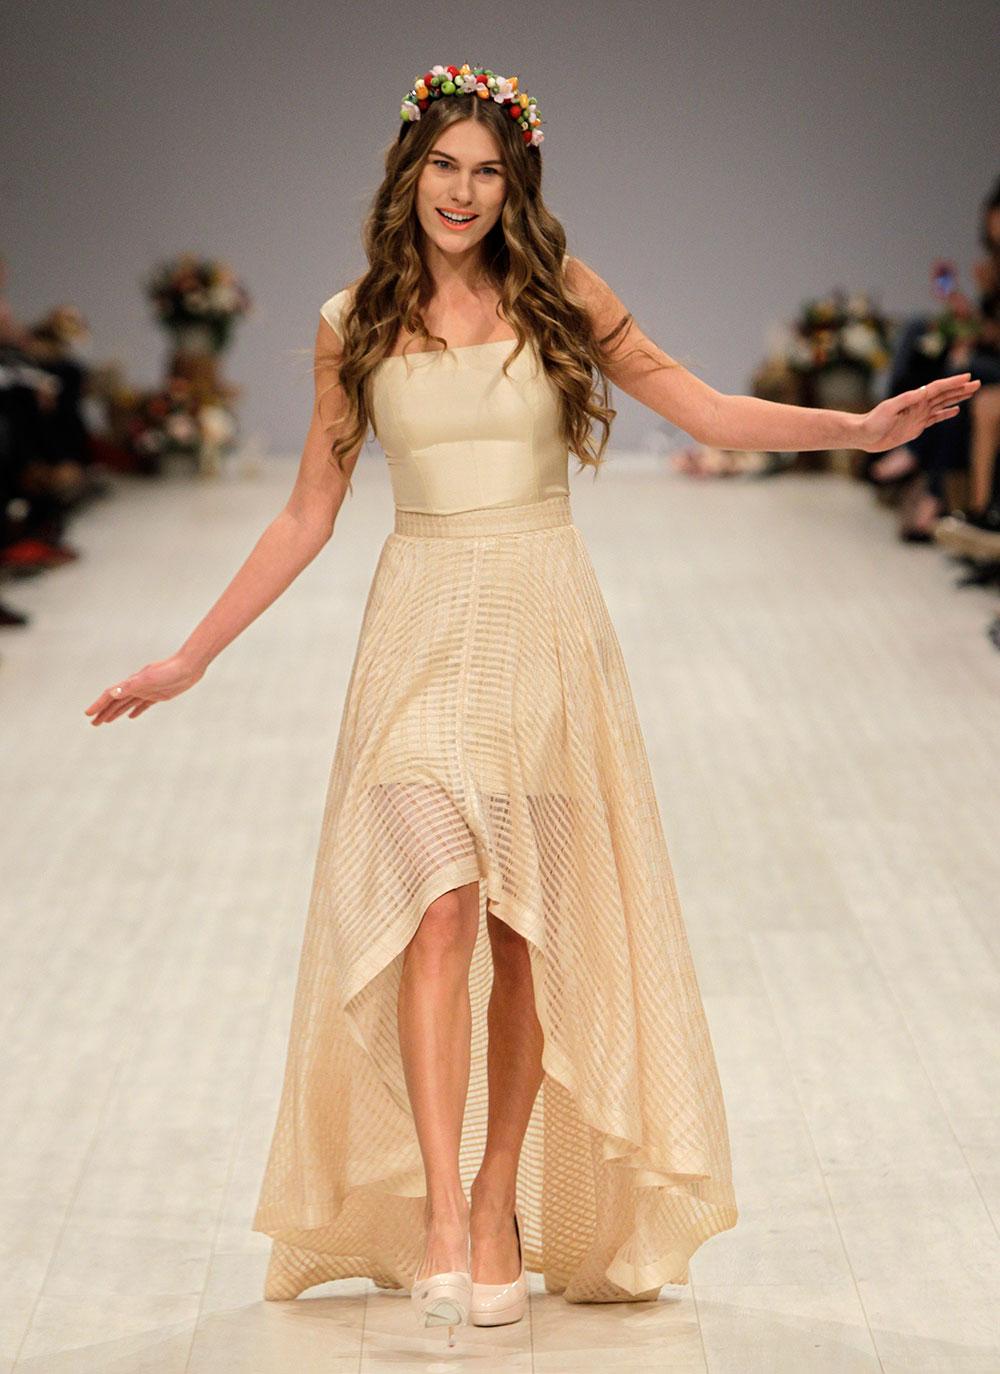 युक्रेन फॅशन वीक दरम्यान... एक मॉडेल